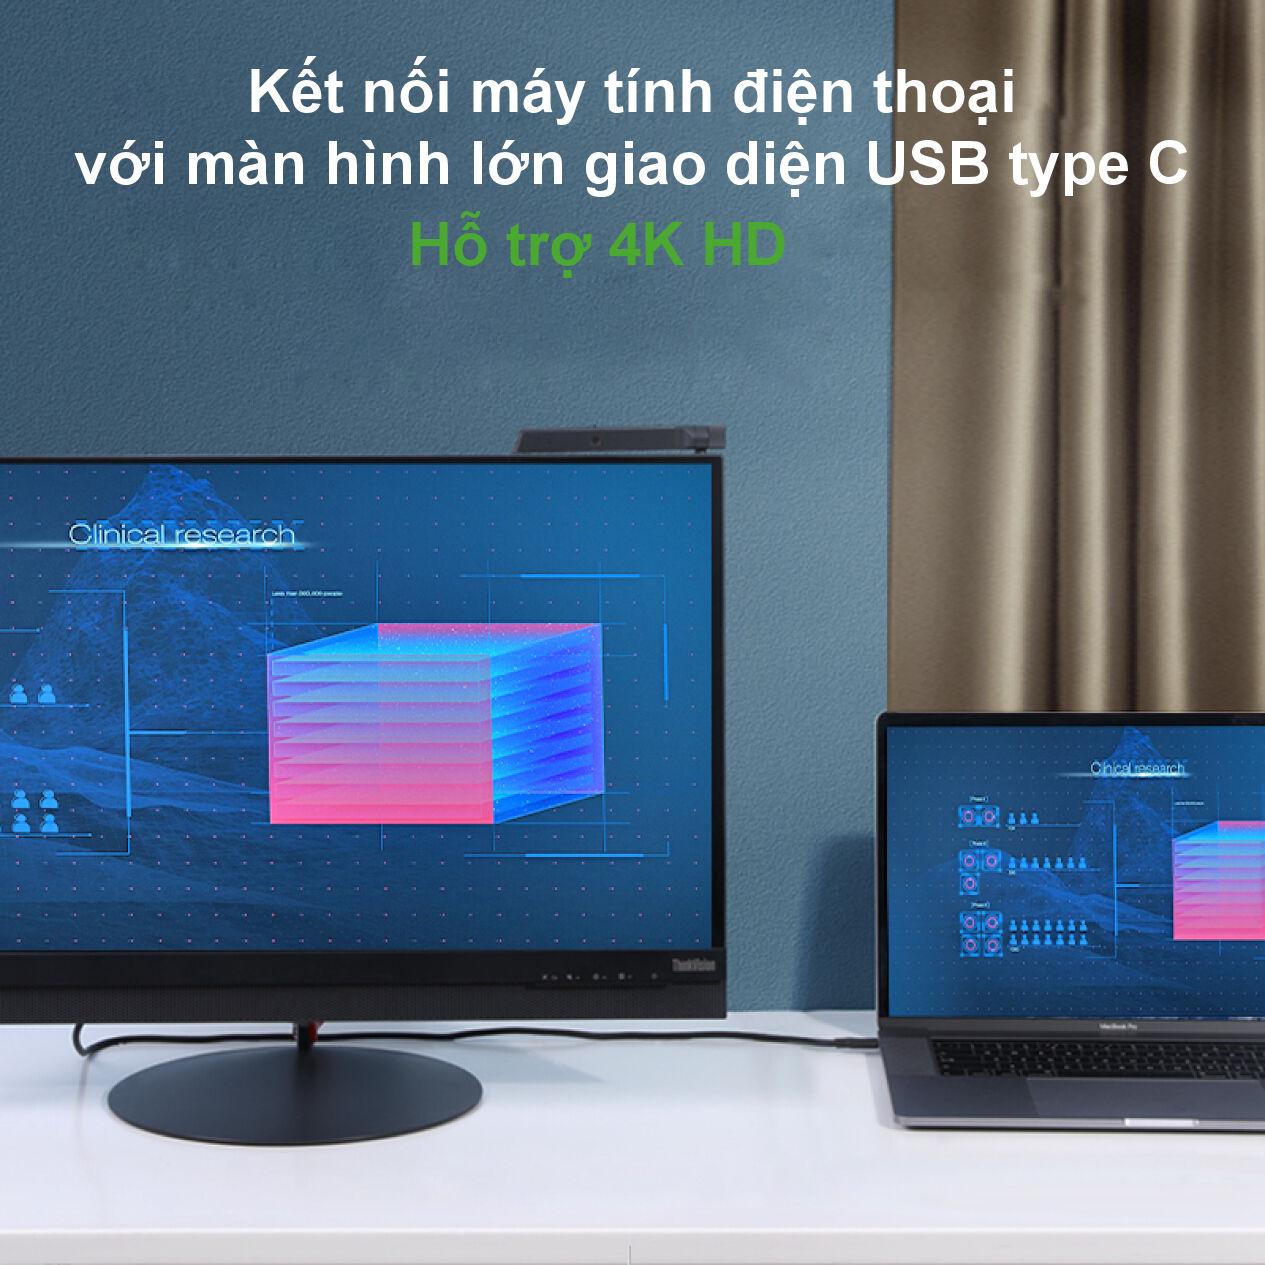 Cáp sạc nhanh 2 đầu USB type C 3.1 hỗ trợ PD100W, dòng 5A, tốc độ truyền dữ liệu 10Gpbs, độ phân giải 4K 60HZ Video Output dài 1m UGREEN US266 50232